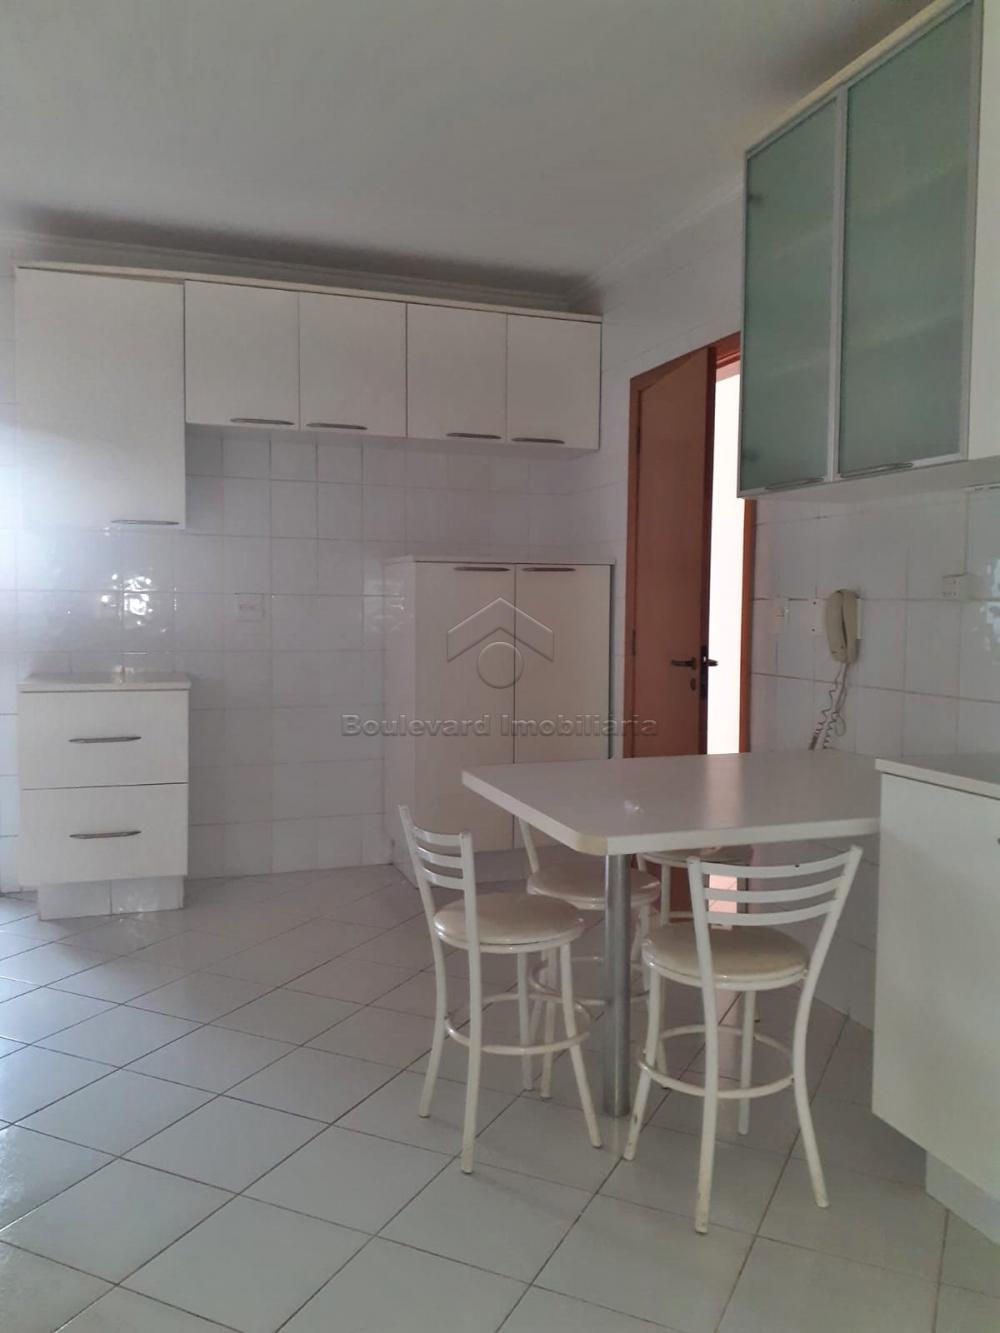 Alugar Apartamento / Padrão em Ribeirão Preto R$ 2.600,00 - Foto 32